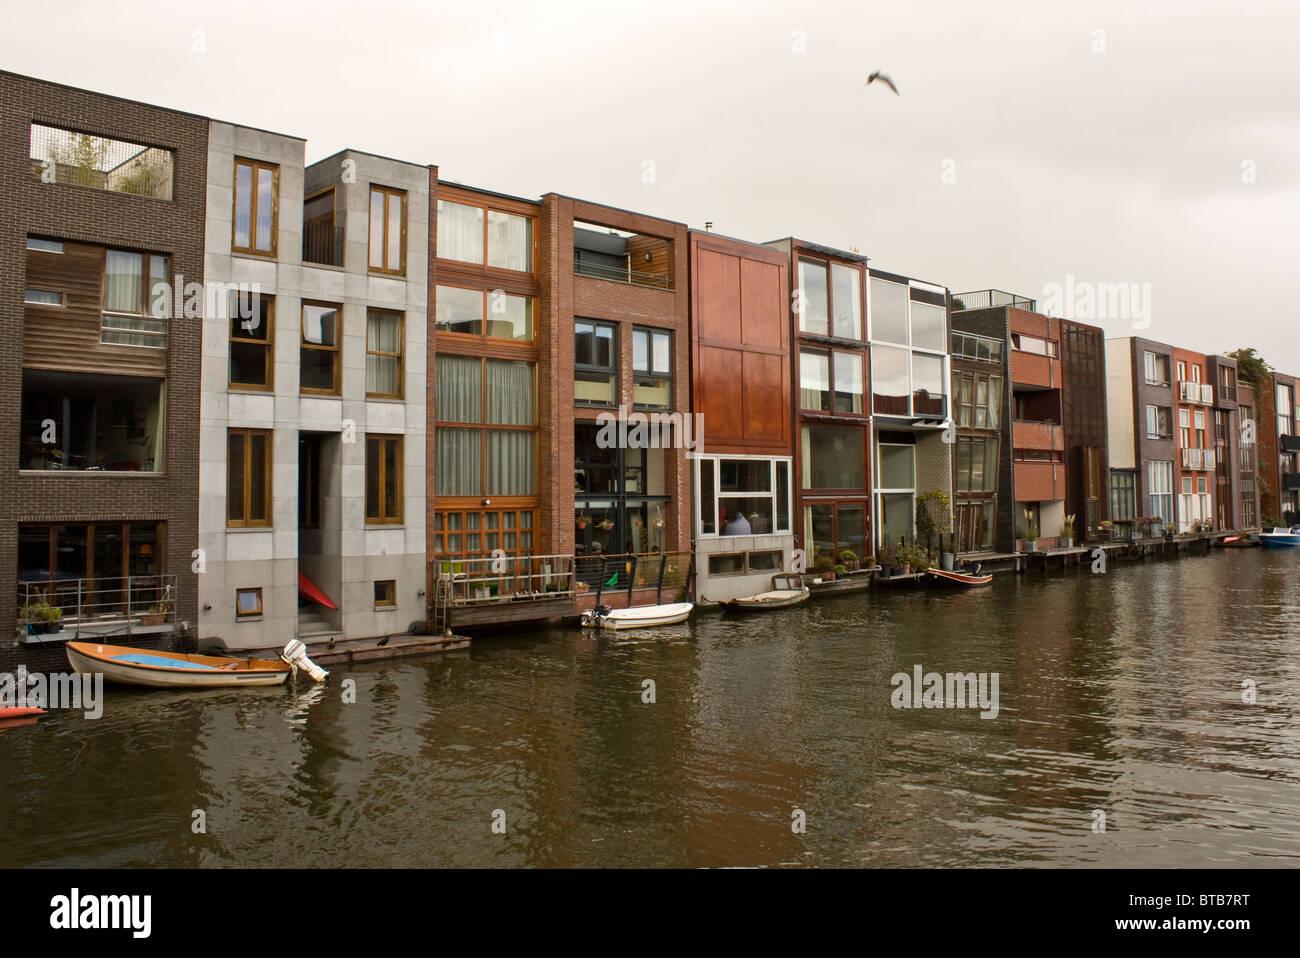 Architettura unica in scheepstimmermanstraat amsterdam for Facciate case moderne